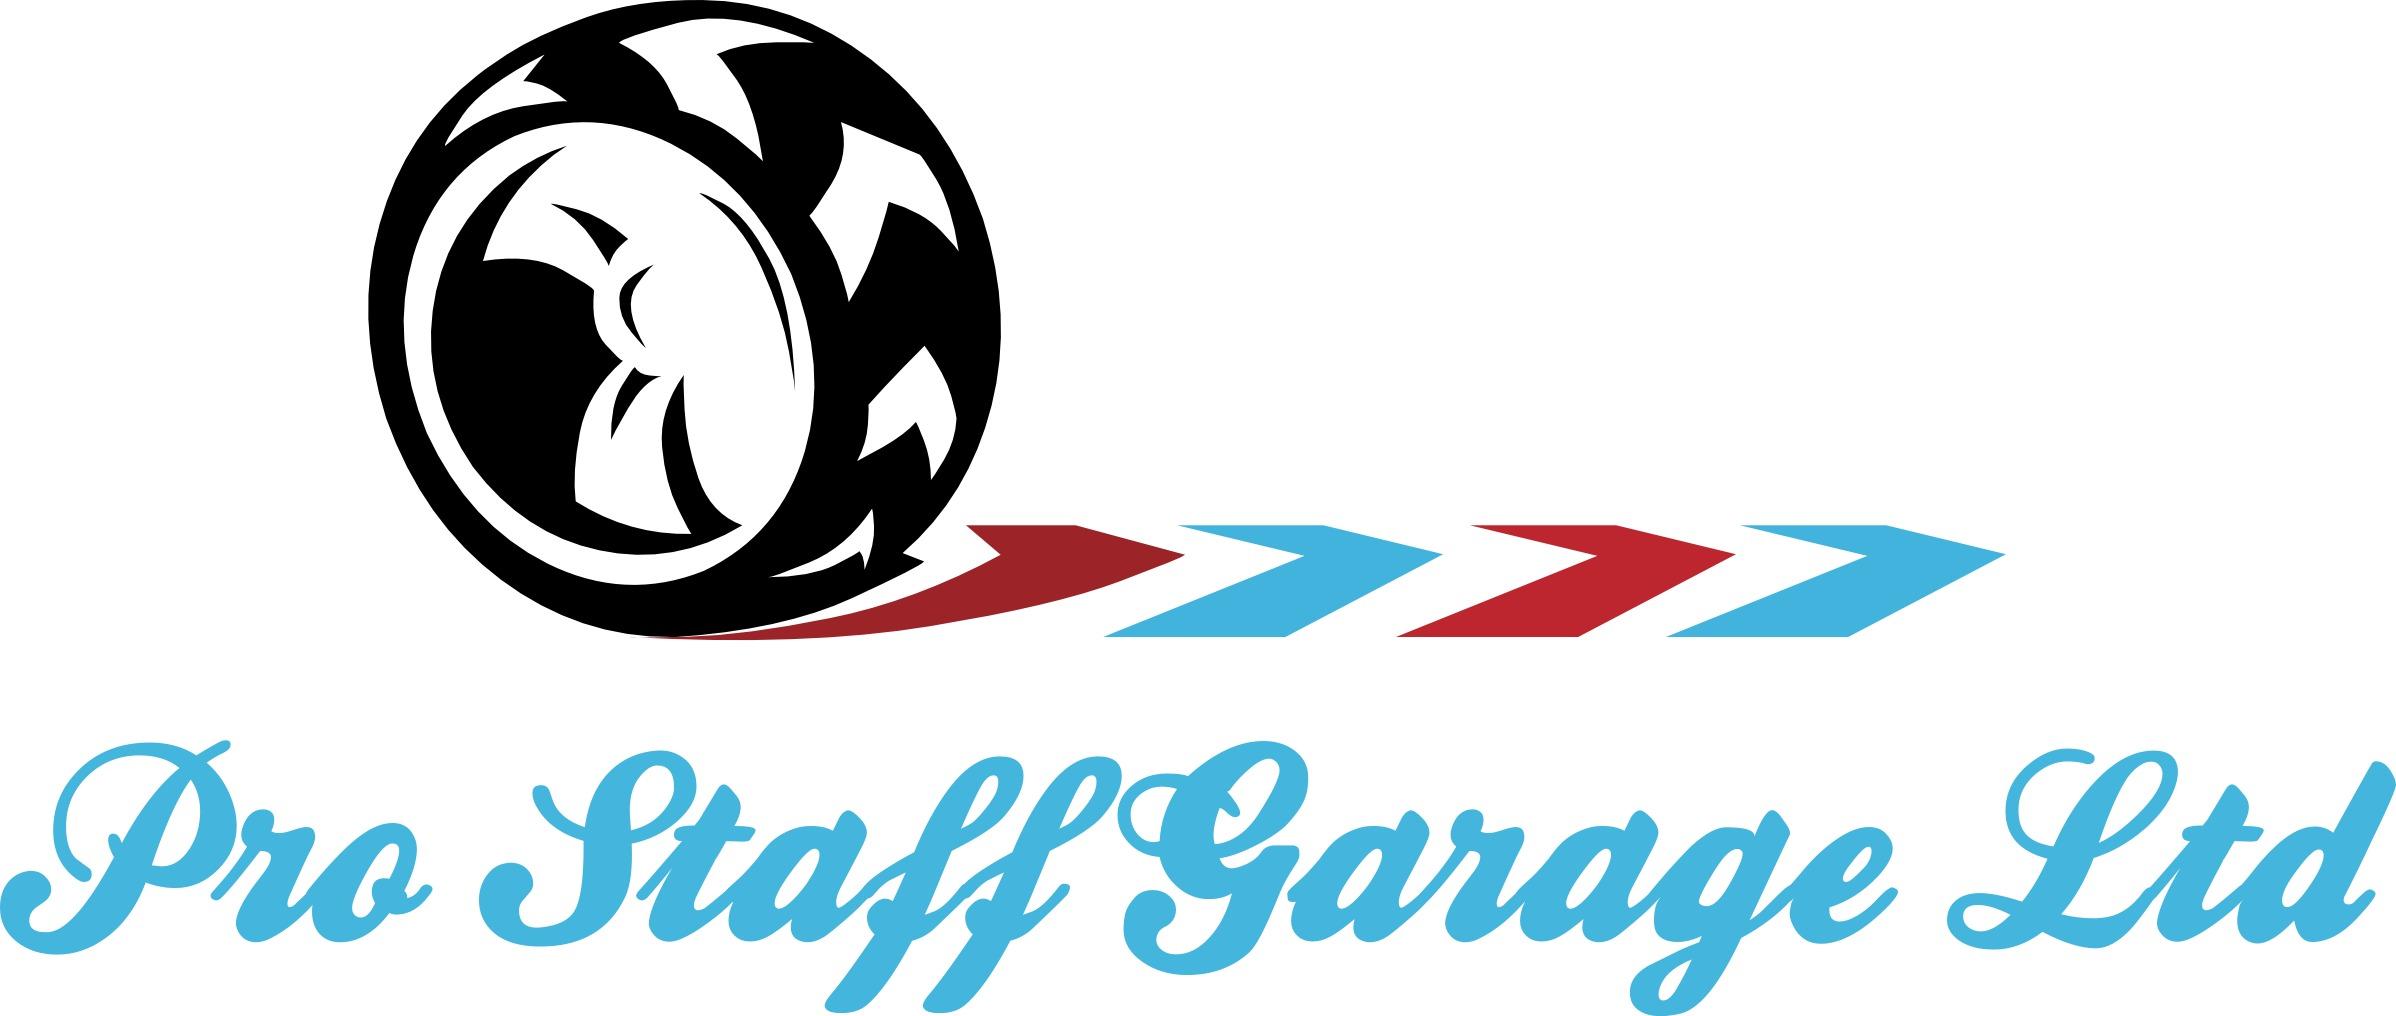 Pro Staff Garage Ltd